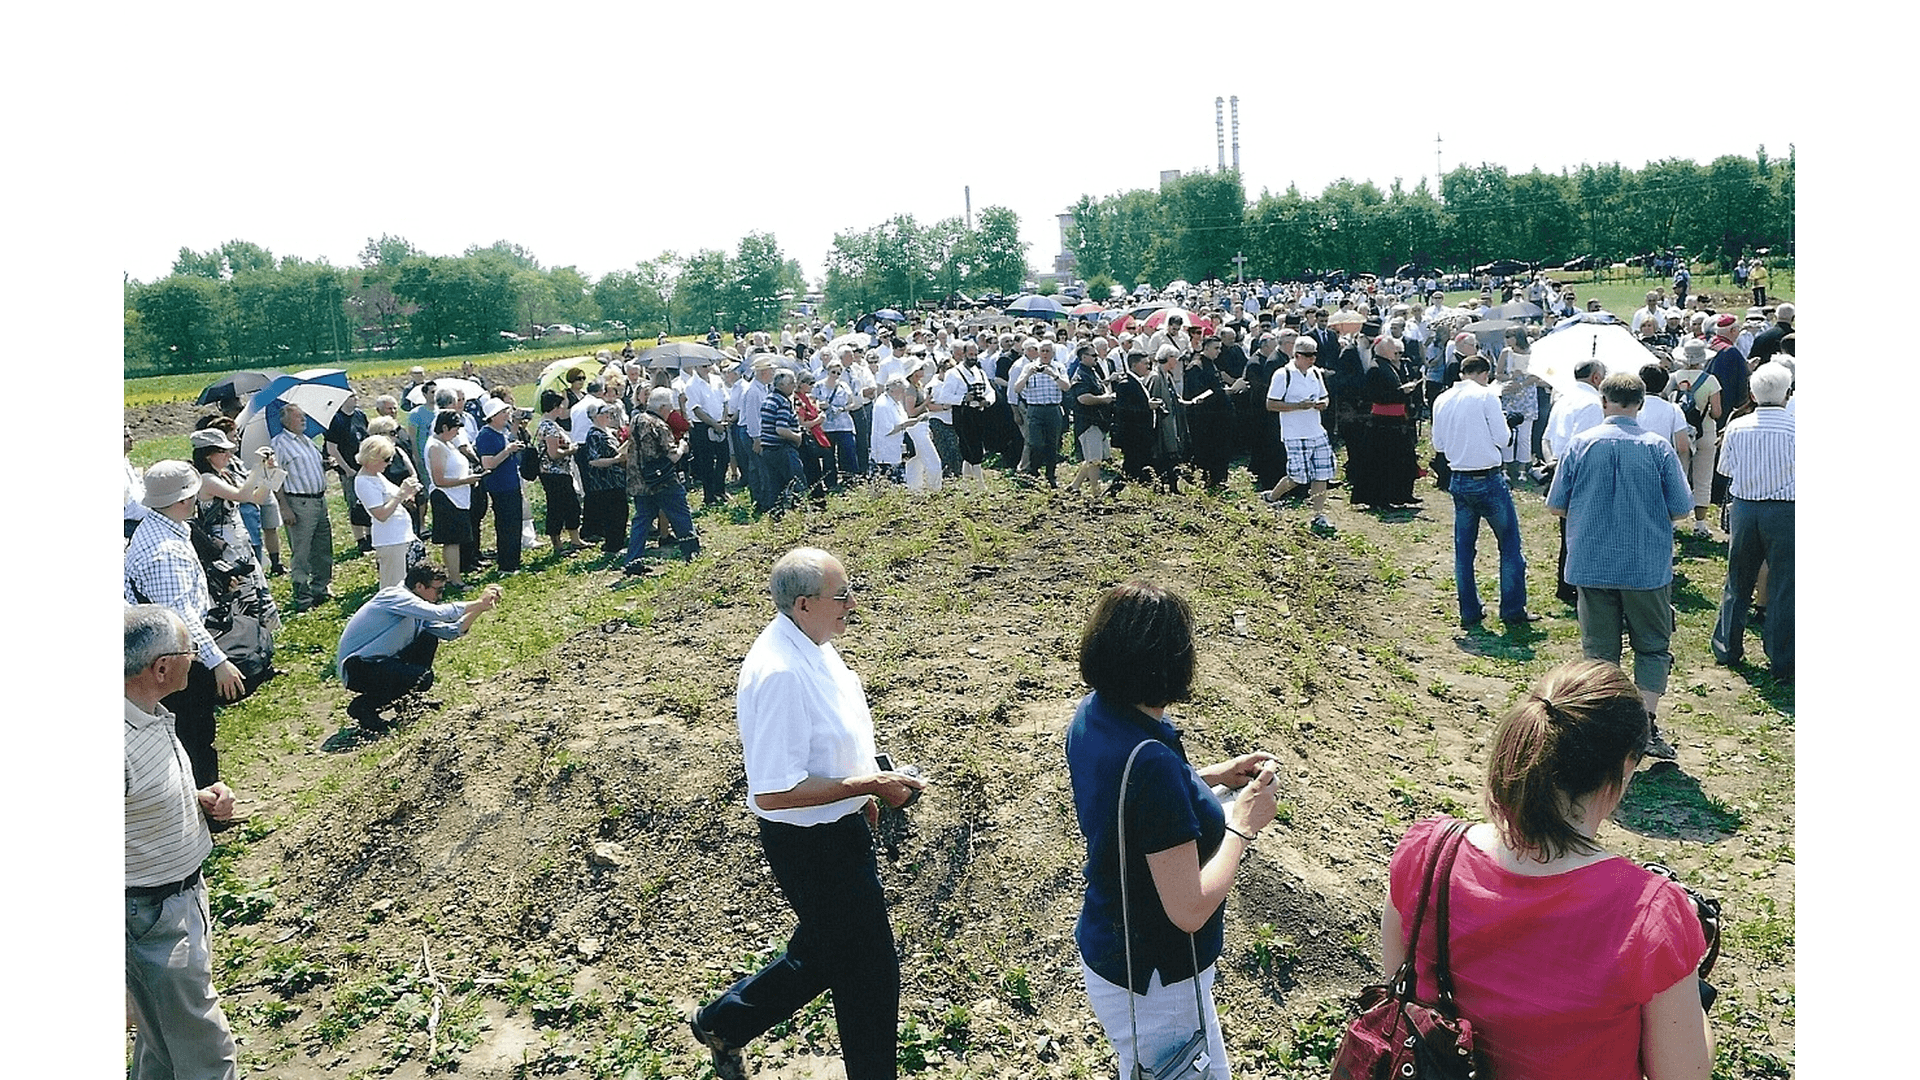 Die Prozession erreicht das größte Massengrab in dem laut späteren Berichten von am Massaker unbeteiligten Partisanen ca. 180 Tote ruhen. Auf die zwei kleineren Gräber verteilt sich der Rest der Opfer welche nach dem Zuschütten des großen Grabes ermordet wurden.